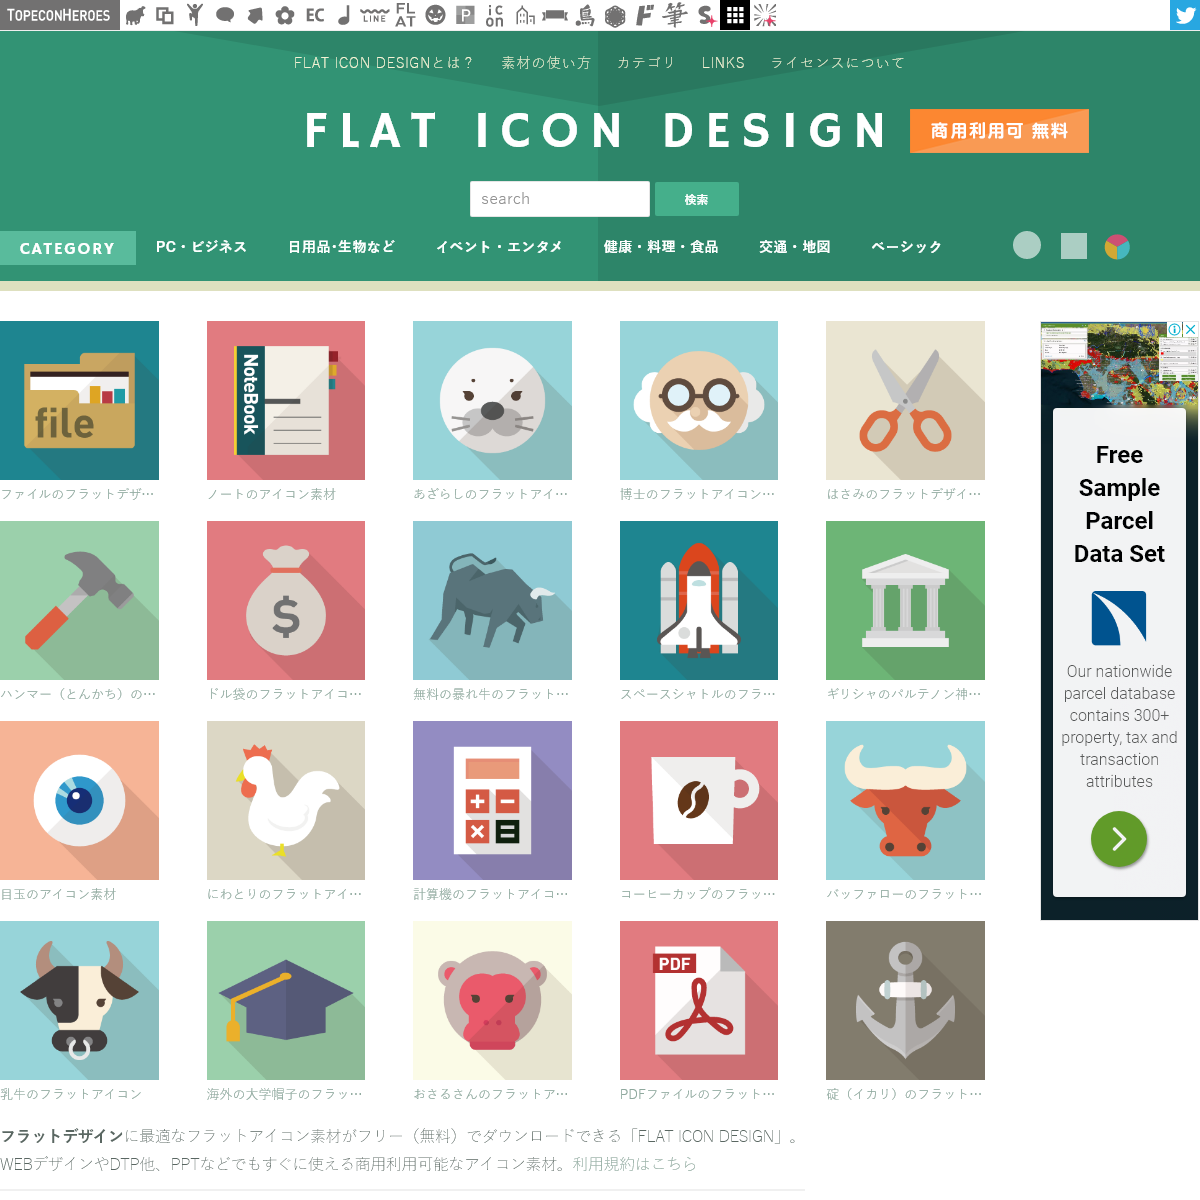 FLAT ICON DESIGN -フラットアイコンデザイン- - フラットデザインに最適!WEBサイトやDTPですぐ使え�